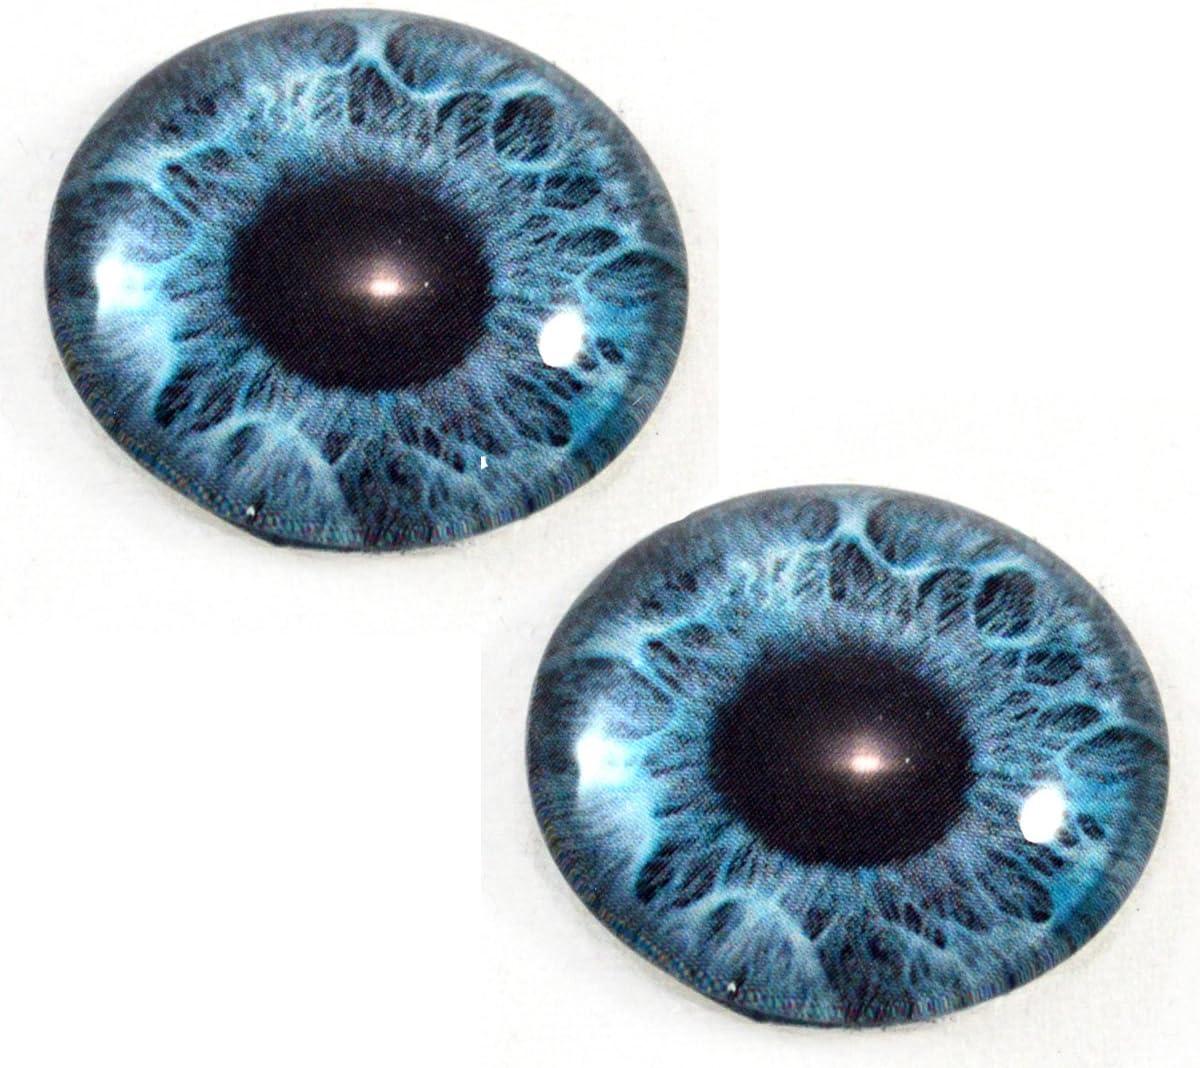 Par de ojos de fantas/ía de sirena de cristal humano de 30 mm esculturas muebles fabricaci/ón de joyas taxidermia y m/ás m/áscaras color azul menta para mu/ñecas art/ísticas accesorios